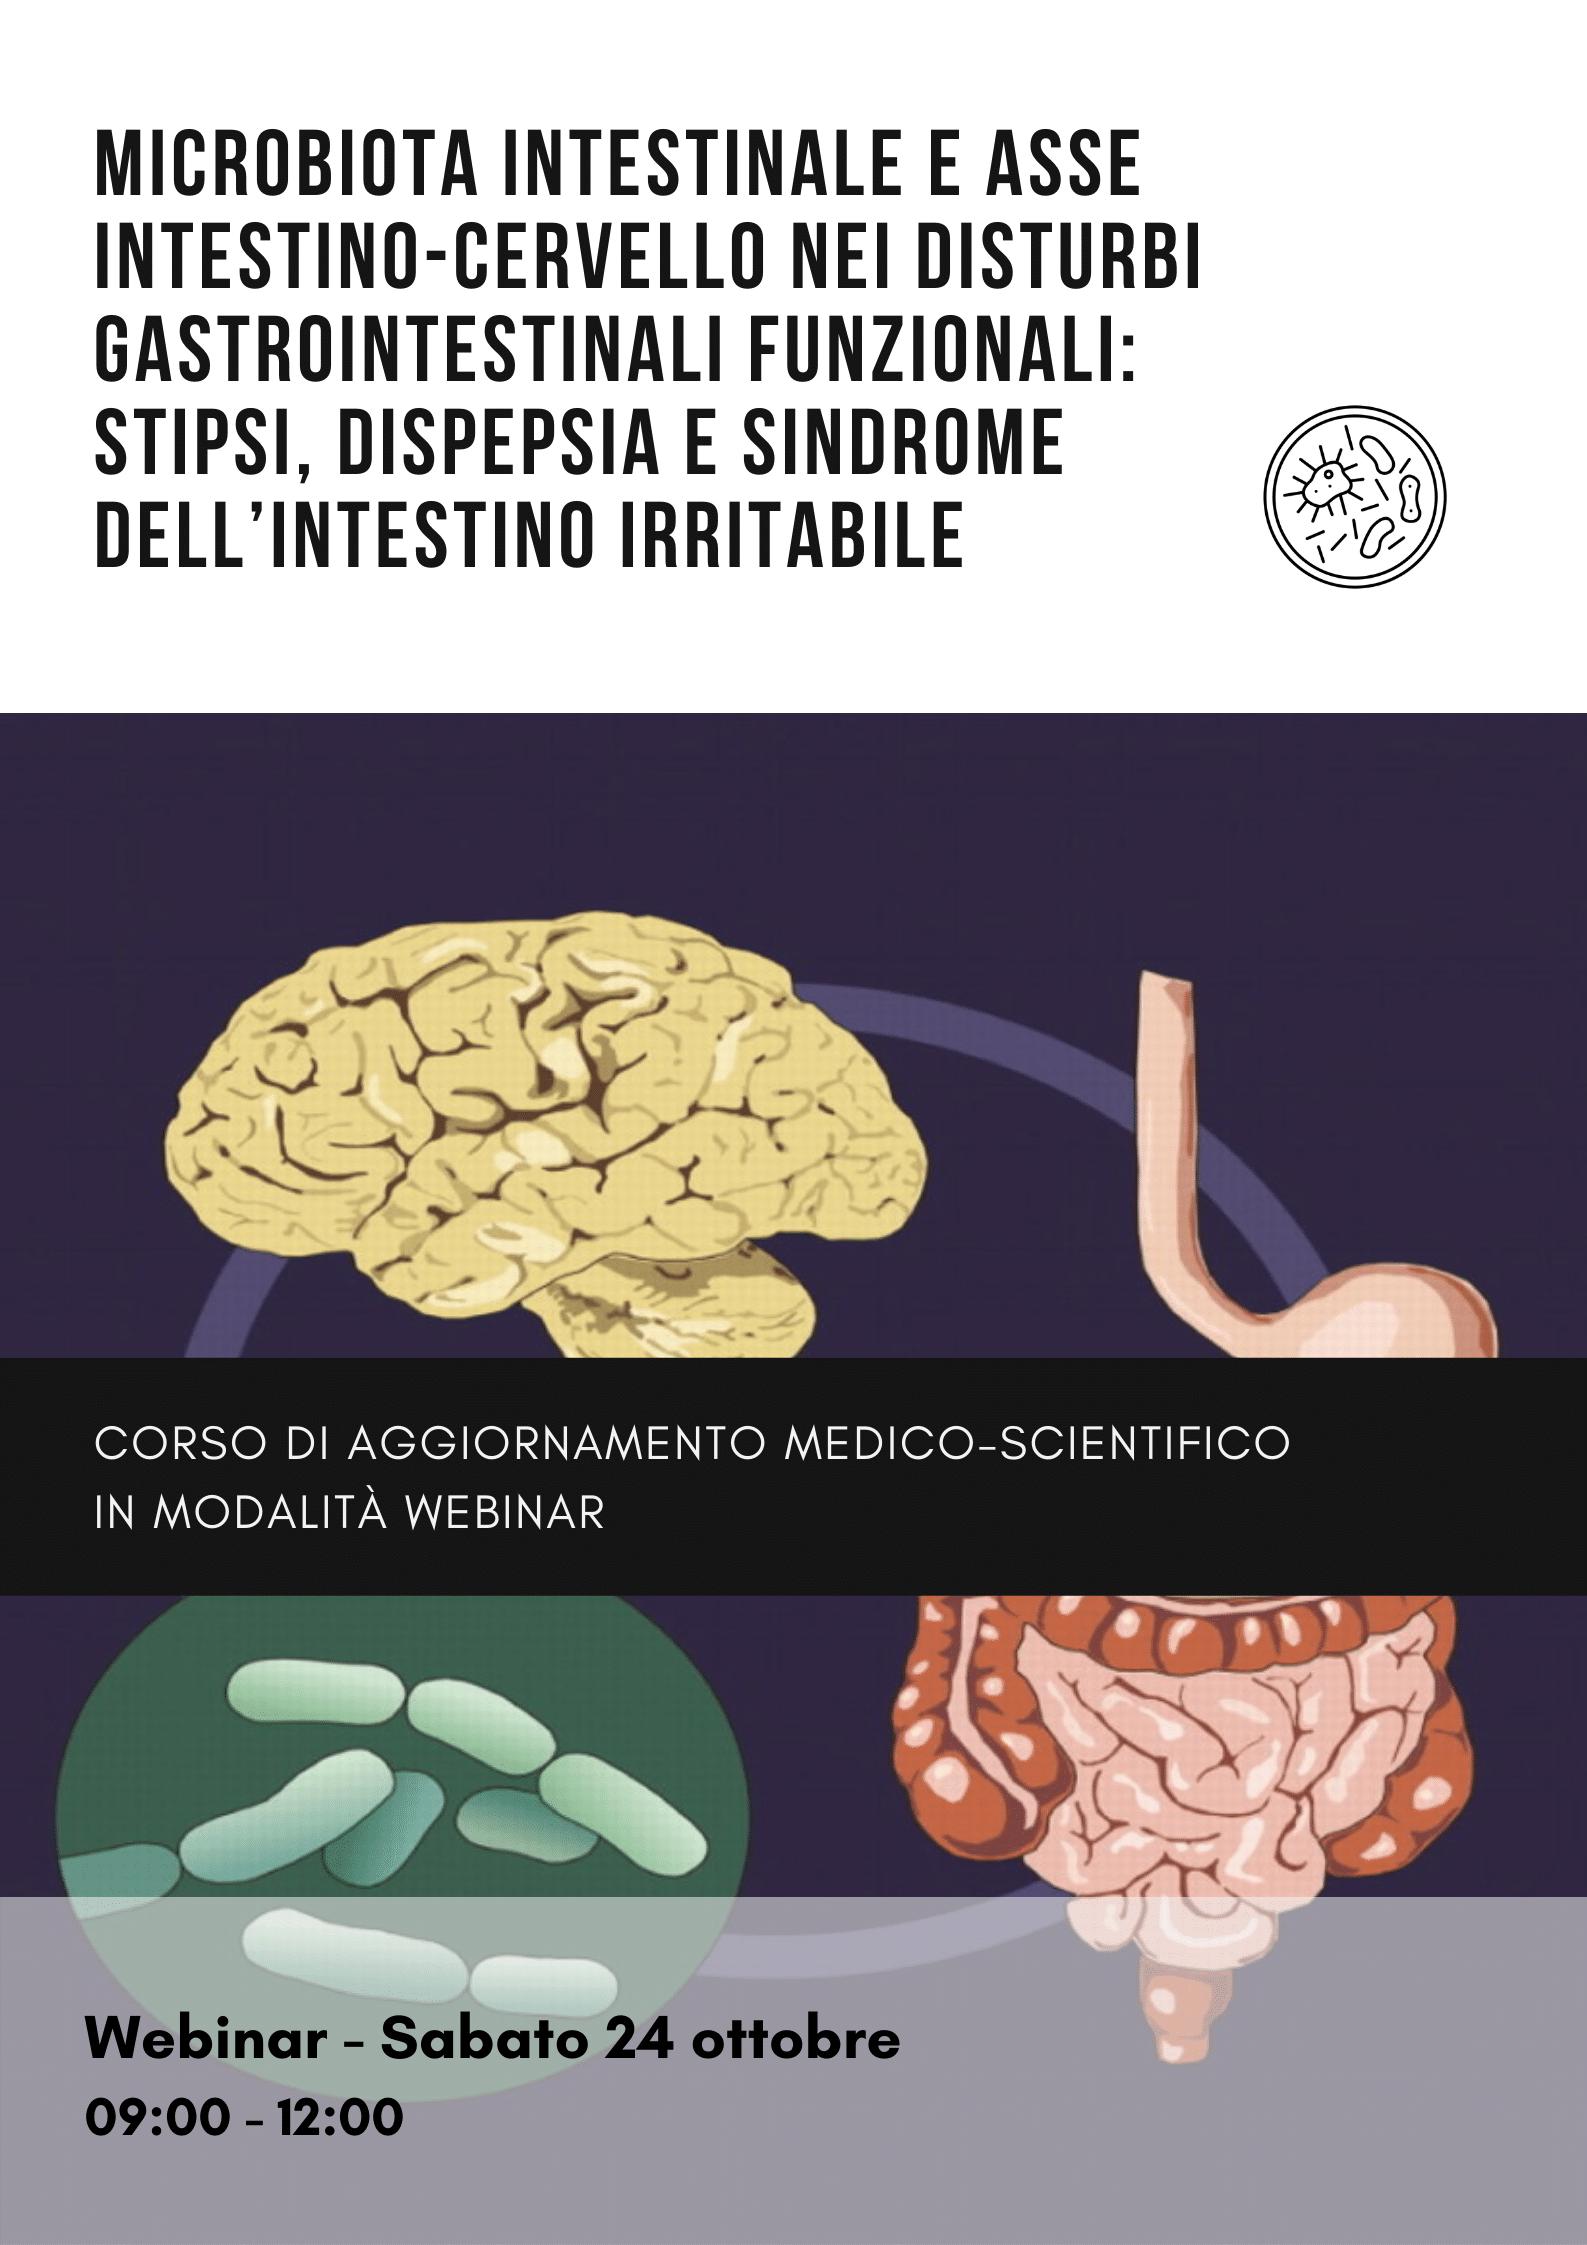 Microbiota intestinale e asse intestino-cervello nei disturbi gastrointestinali funzionali: stipsi, dispepsia e sindrome dell'intestino irritabile 2